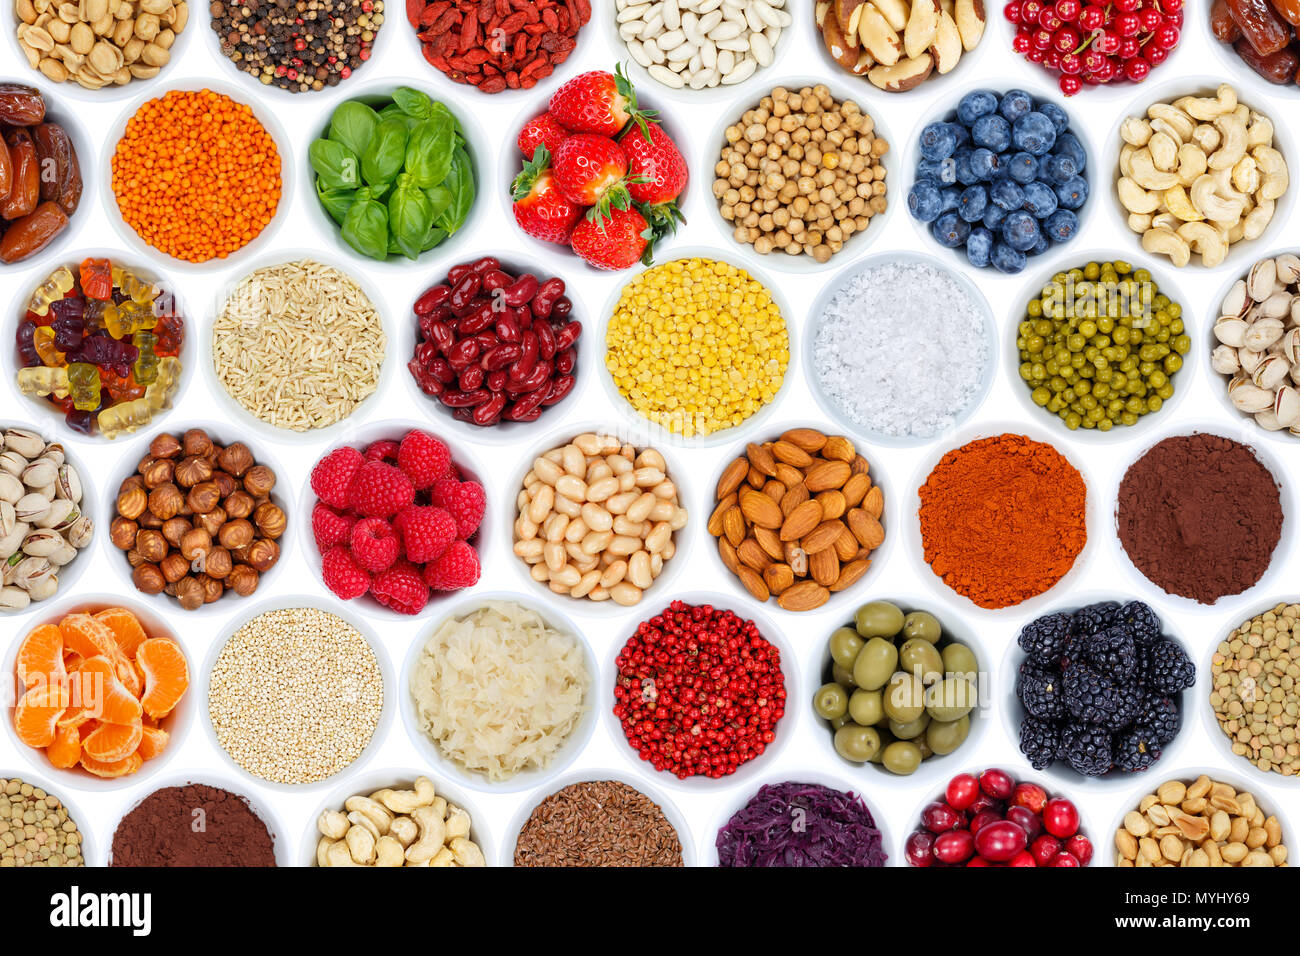 Ces fruits et légumes baies de fond au-dessus isolé sur fond blanc Photo Stock